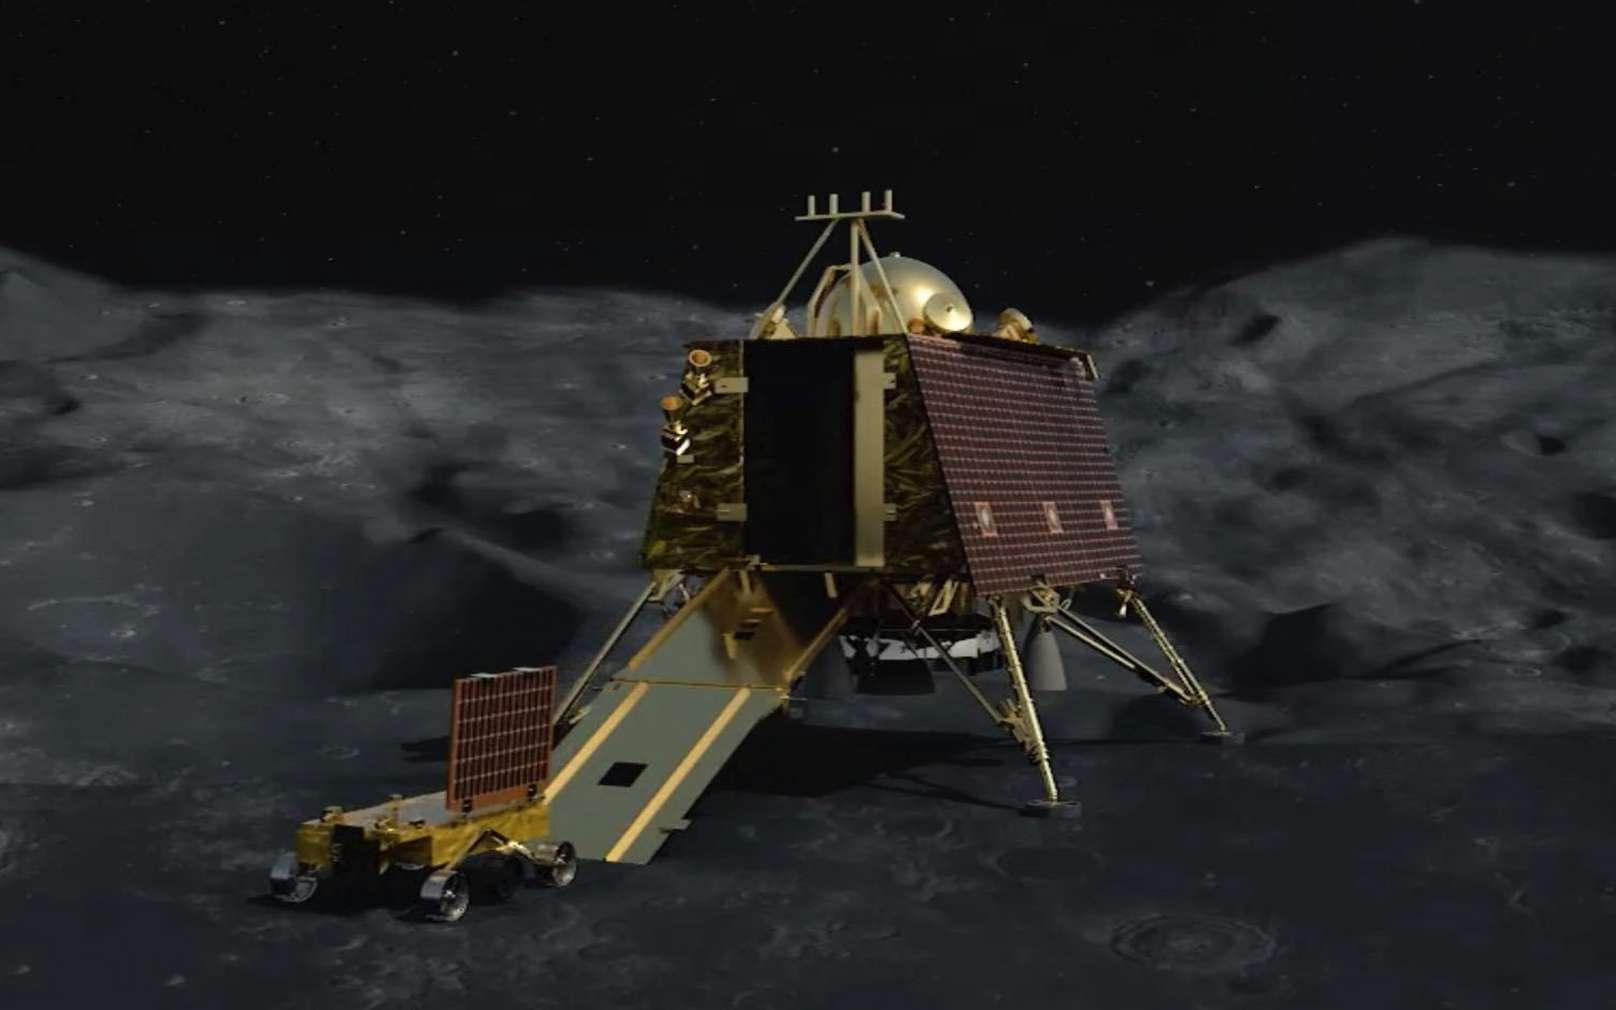 Le pôle Sud lunaire vu par la sonde Clémentine de la Nasa. © Isro